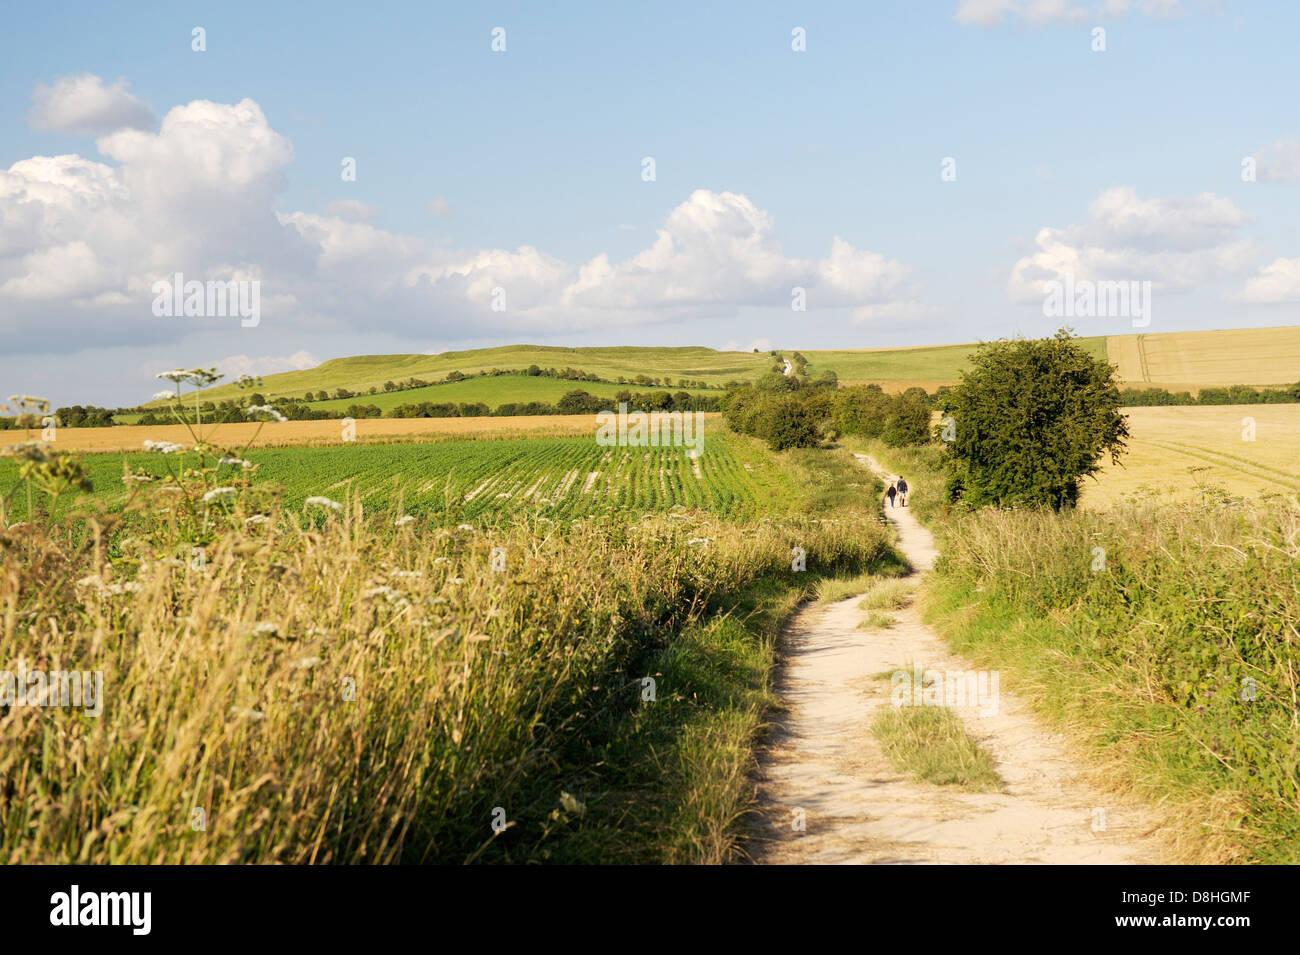 El Ridgeway cerca de Wayland's herrería hacia Uffington castle. Parte de los 5000 años de pista de larga distancia. Oxfordshire, Inglaterra Foto de stock